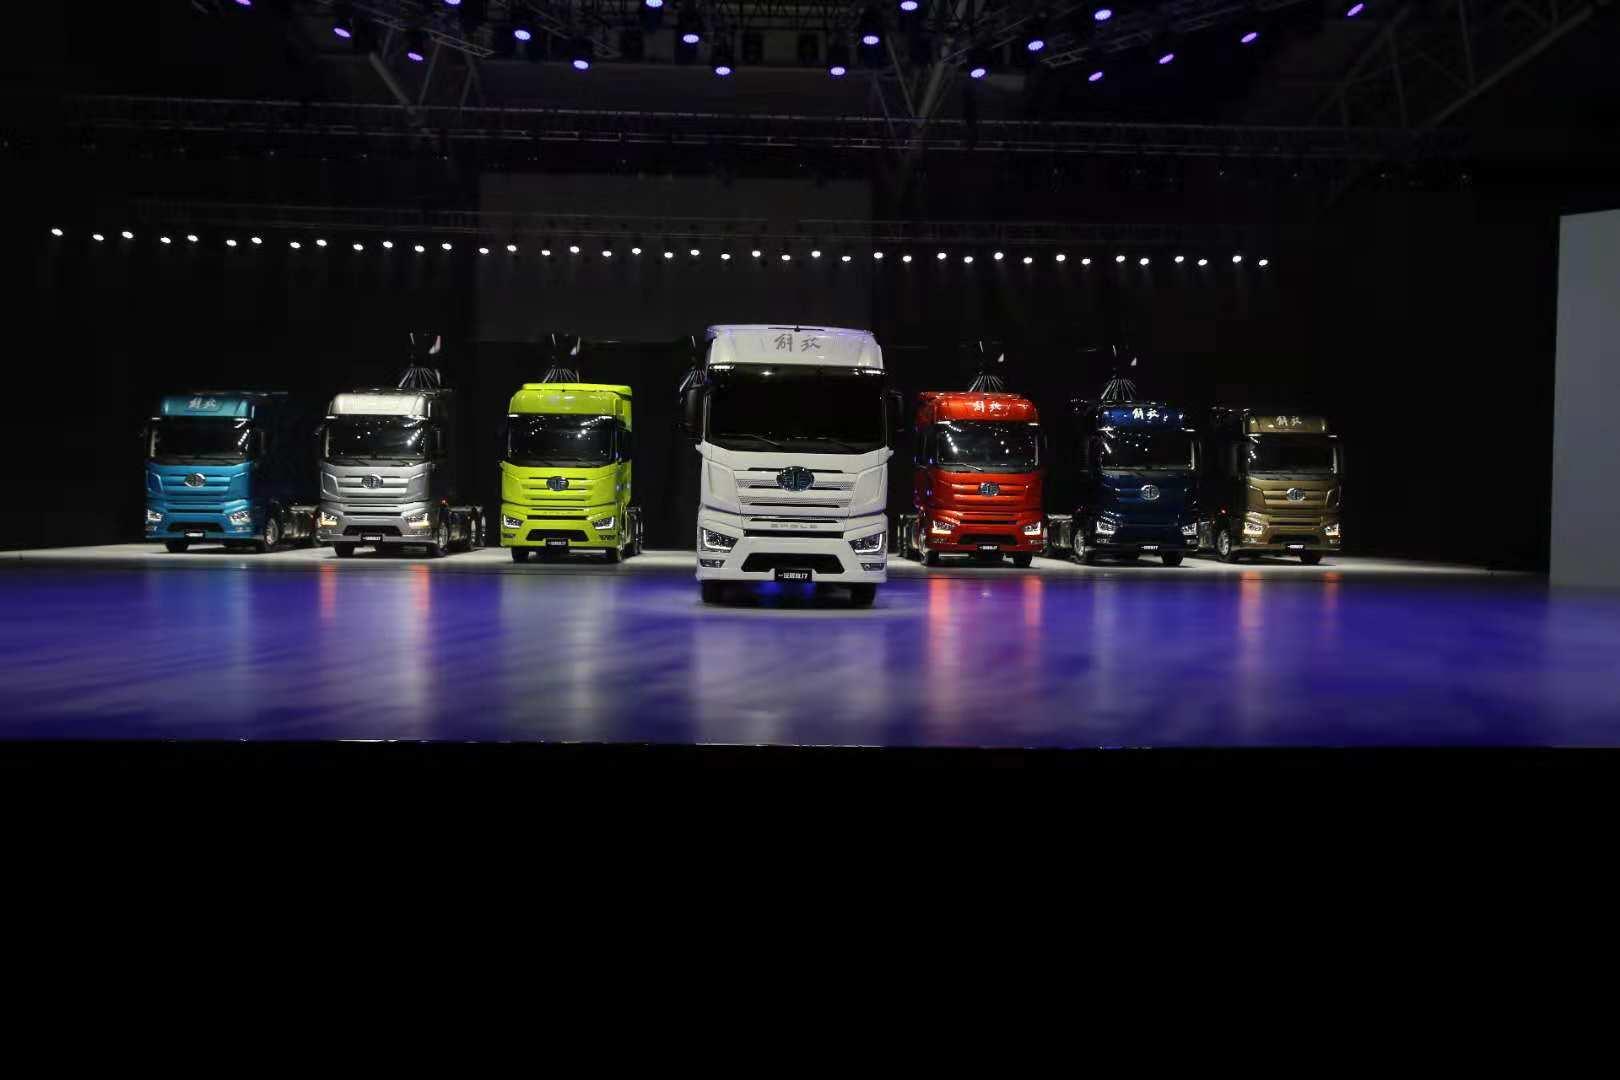 引领行业发展 第700万辆解放卡车即将下线